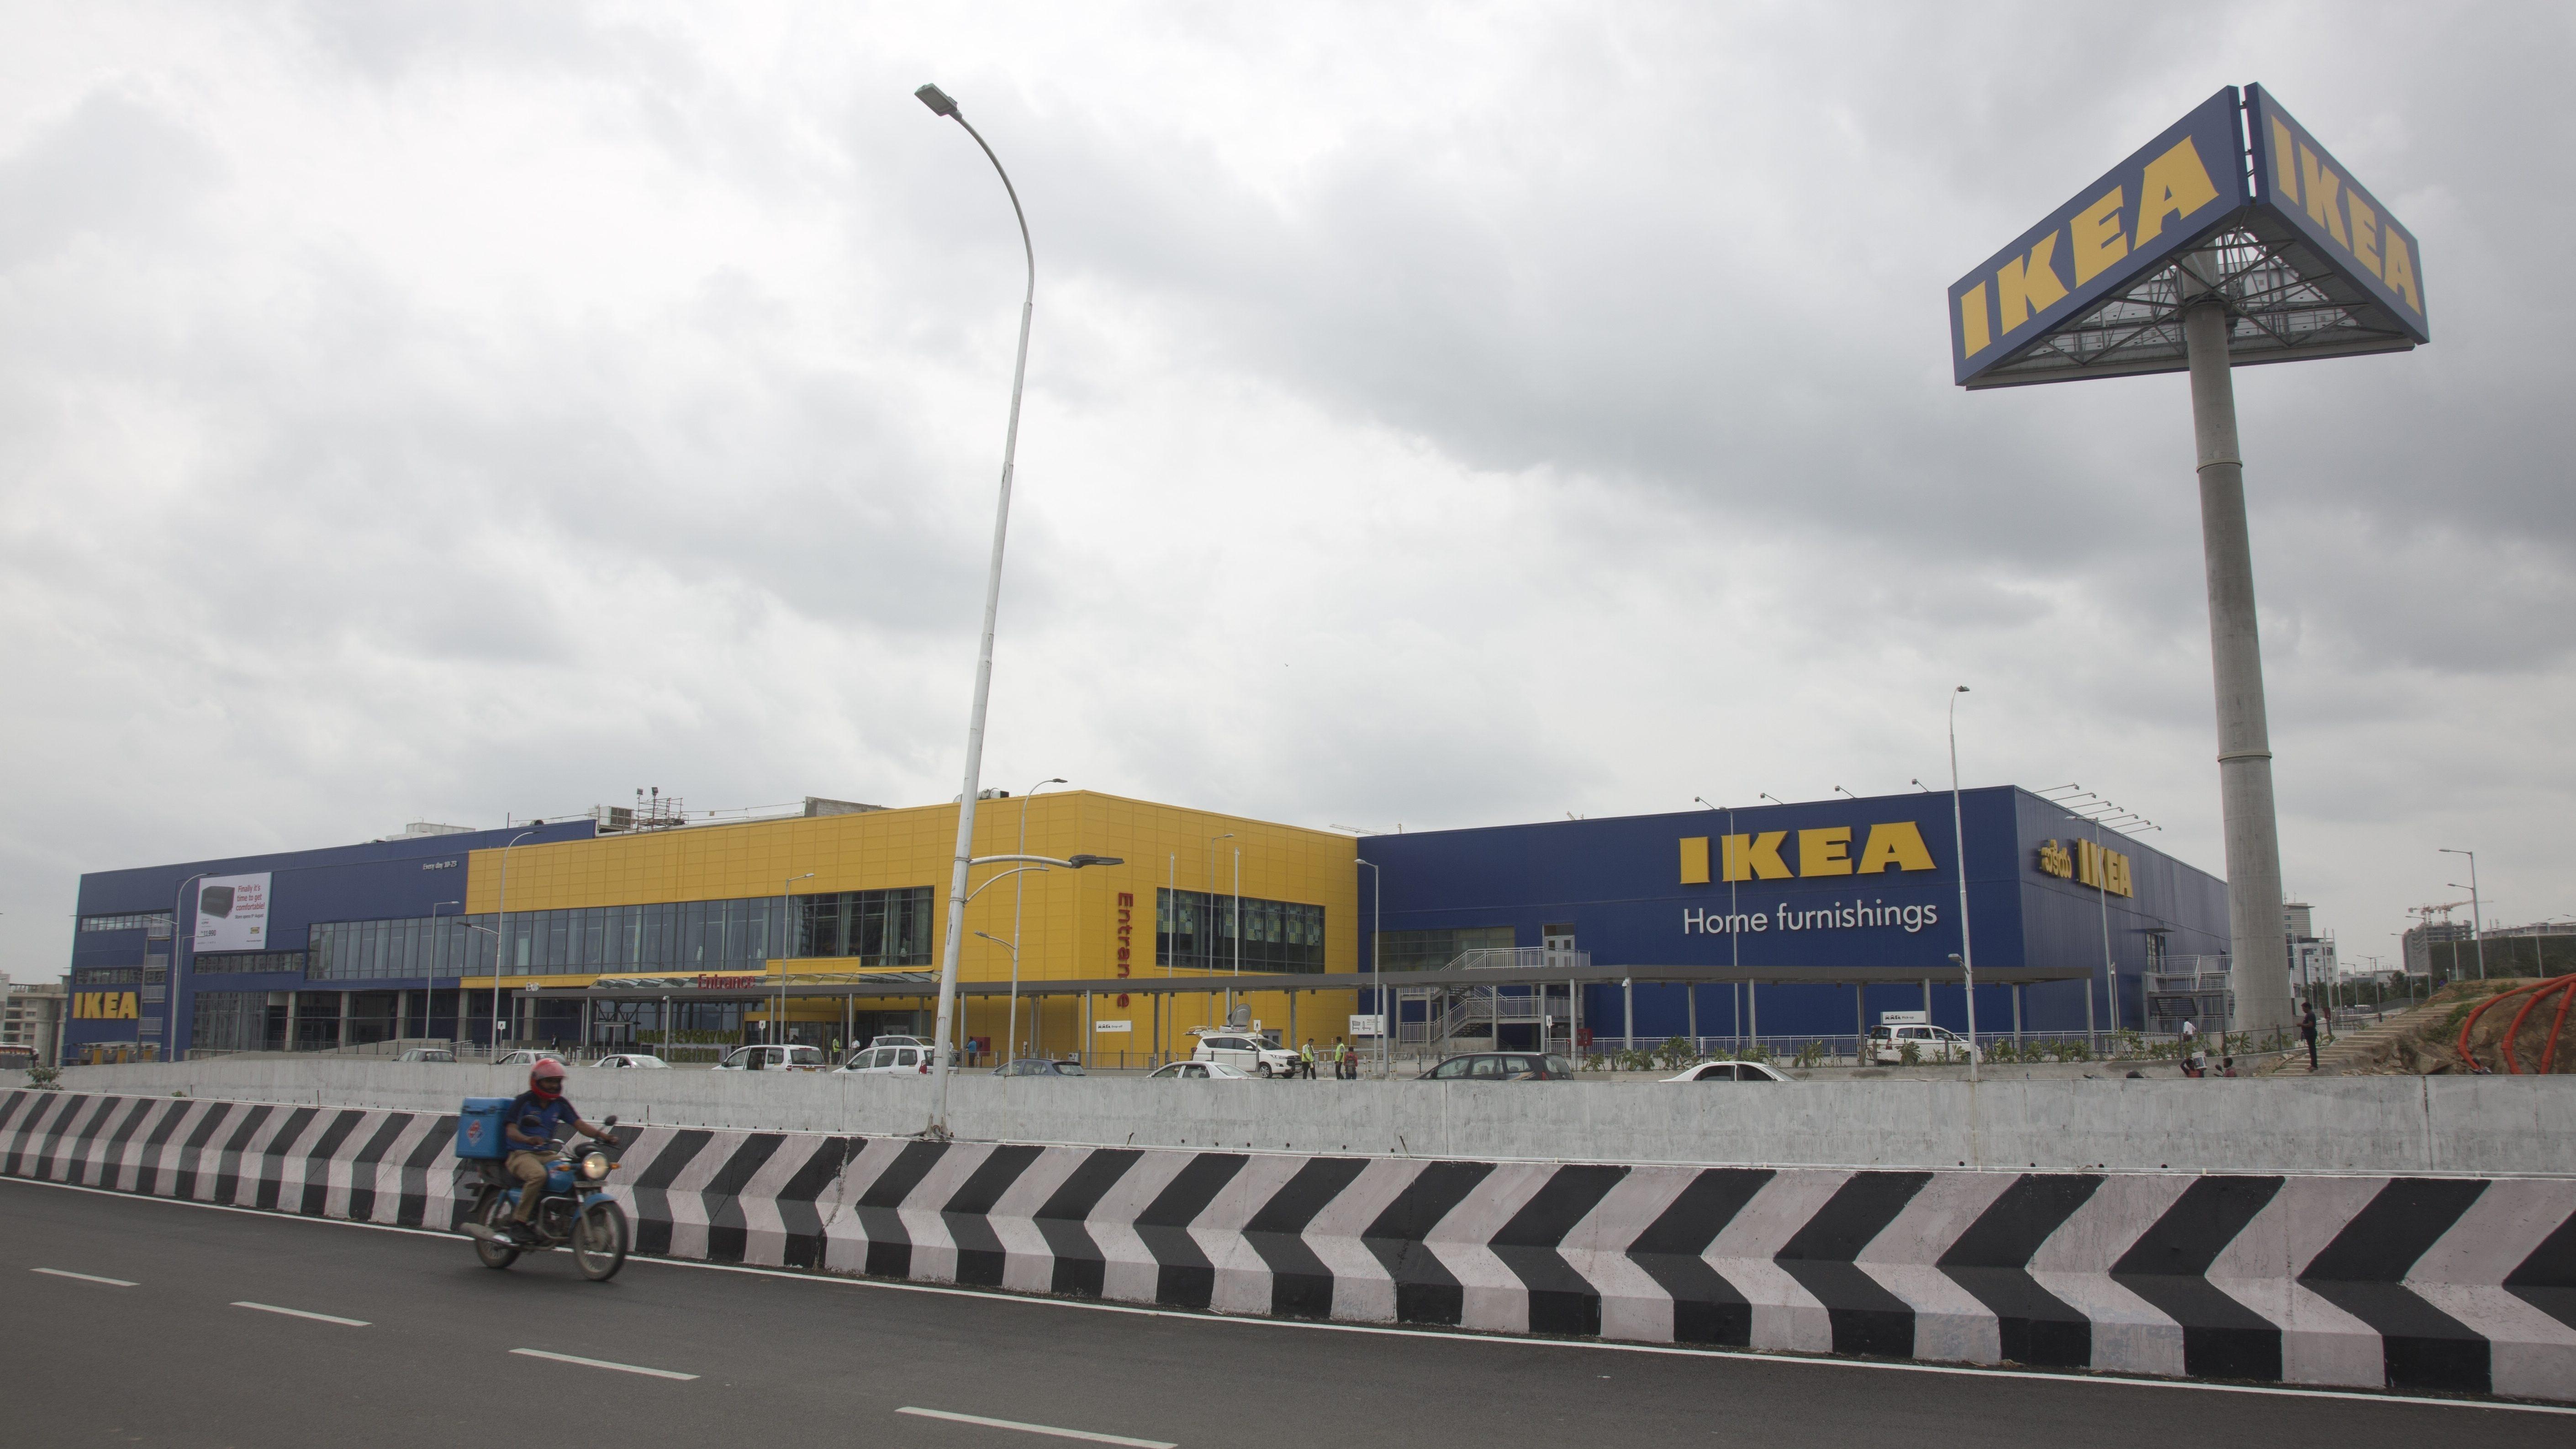 Wondrous Why Ikea India Picked Hyderabad Over Mumbai Bengaluru Inzonedesignstudio Interior Chair Design Inzonedesignstudiocom